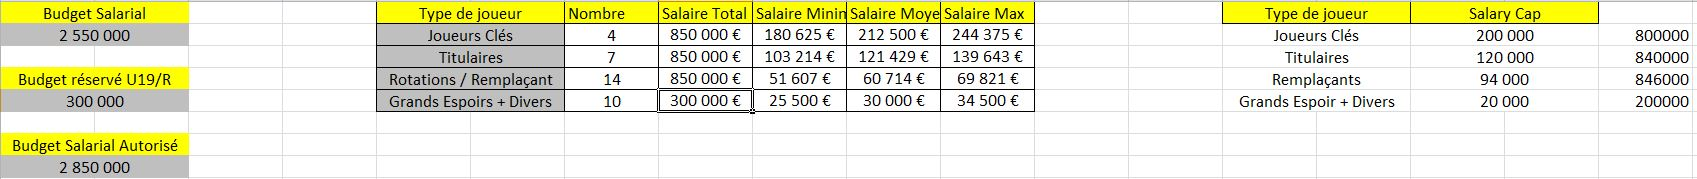 Salary%20Cap